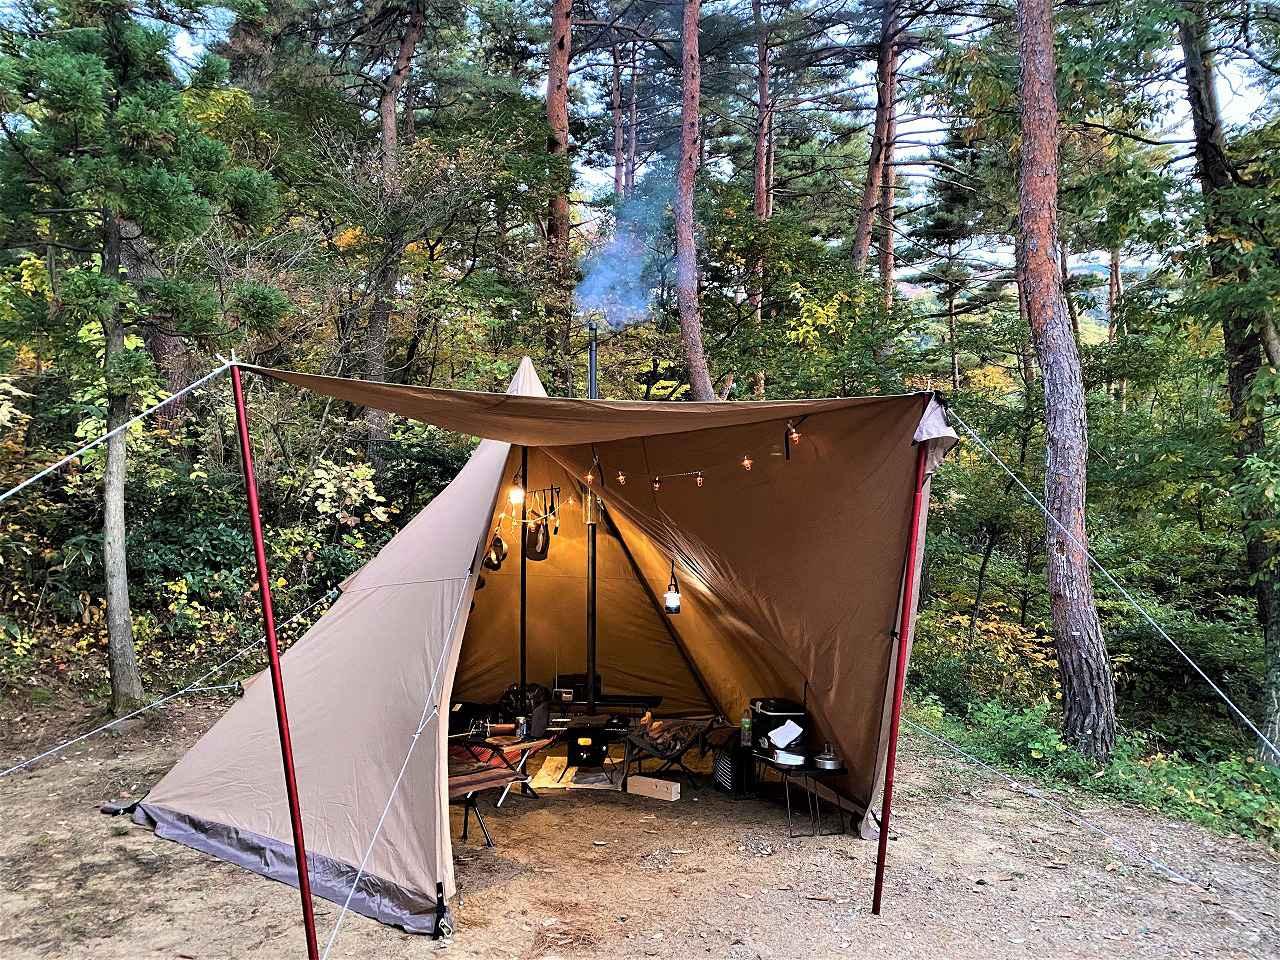 秋冬キャンプのテントの選び方を伝授!春まで使えるテンマクデザイン「サーカスTCDX」がオススメ